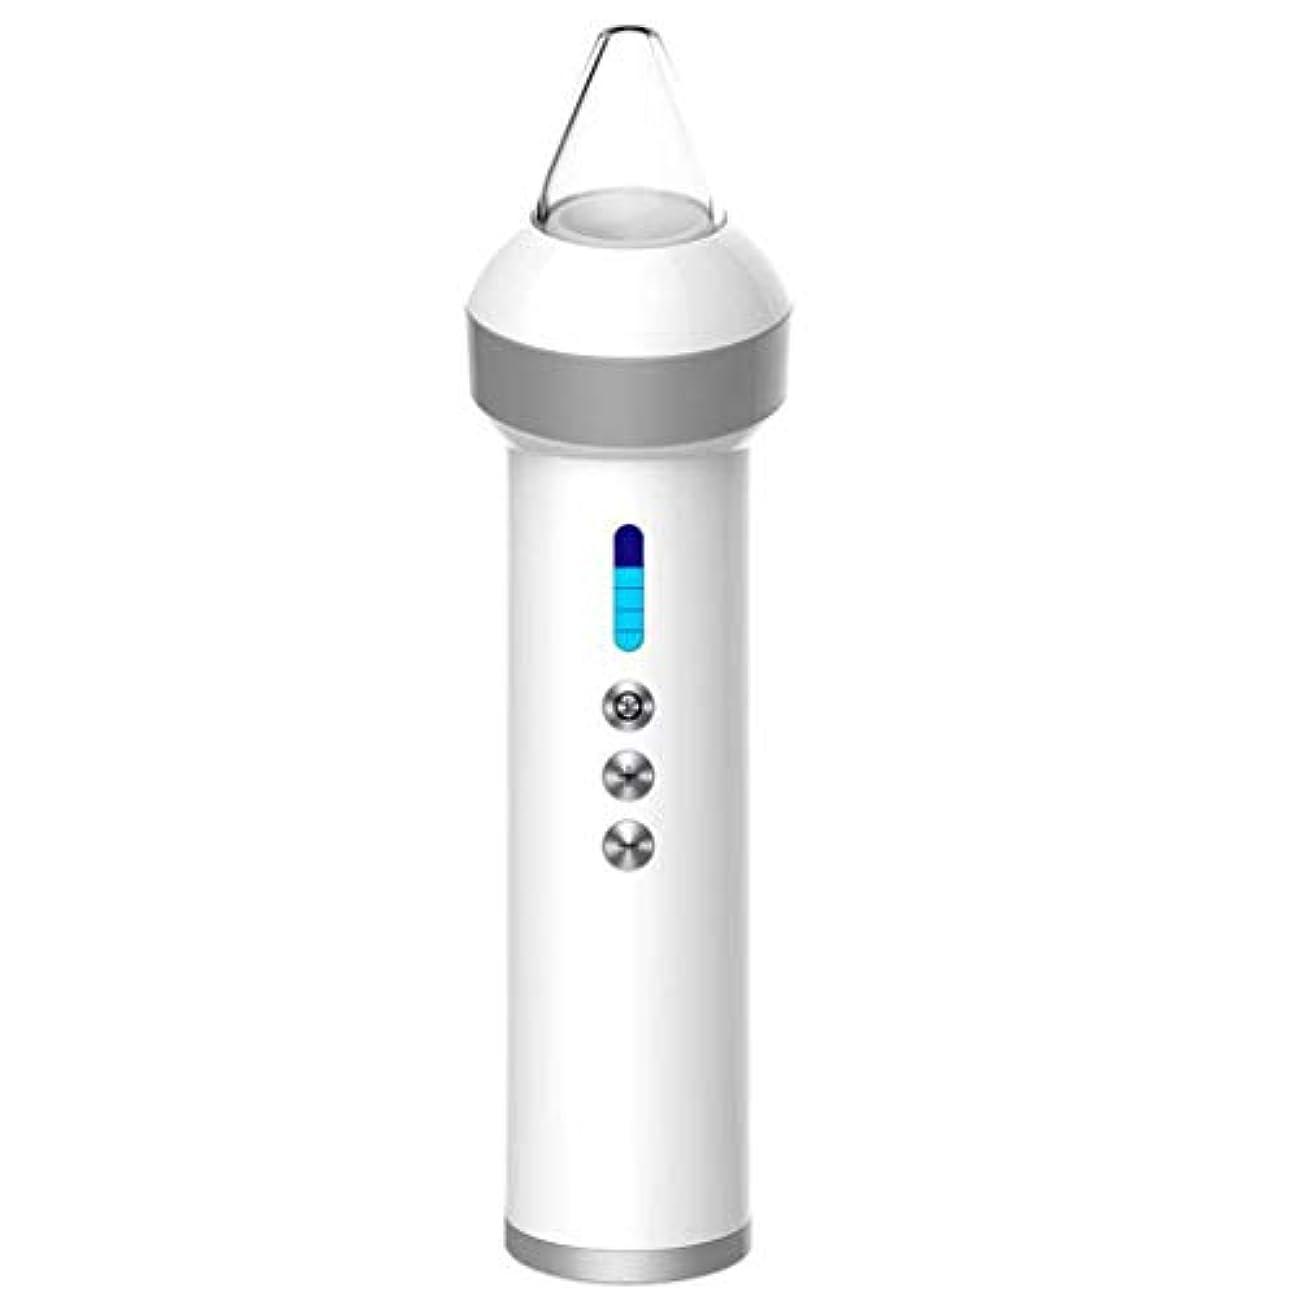 タワー友情ハング電気にきび楽器電気にきびにきび抽出器USB充電式電気皮膚毛穴クレンザー